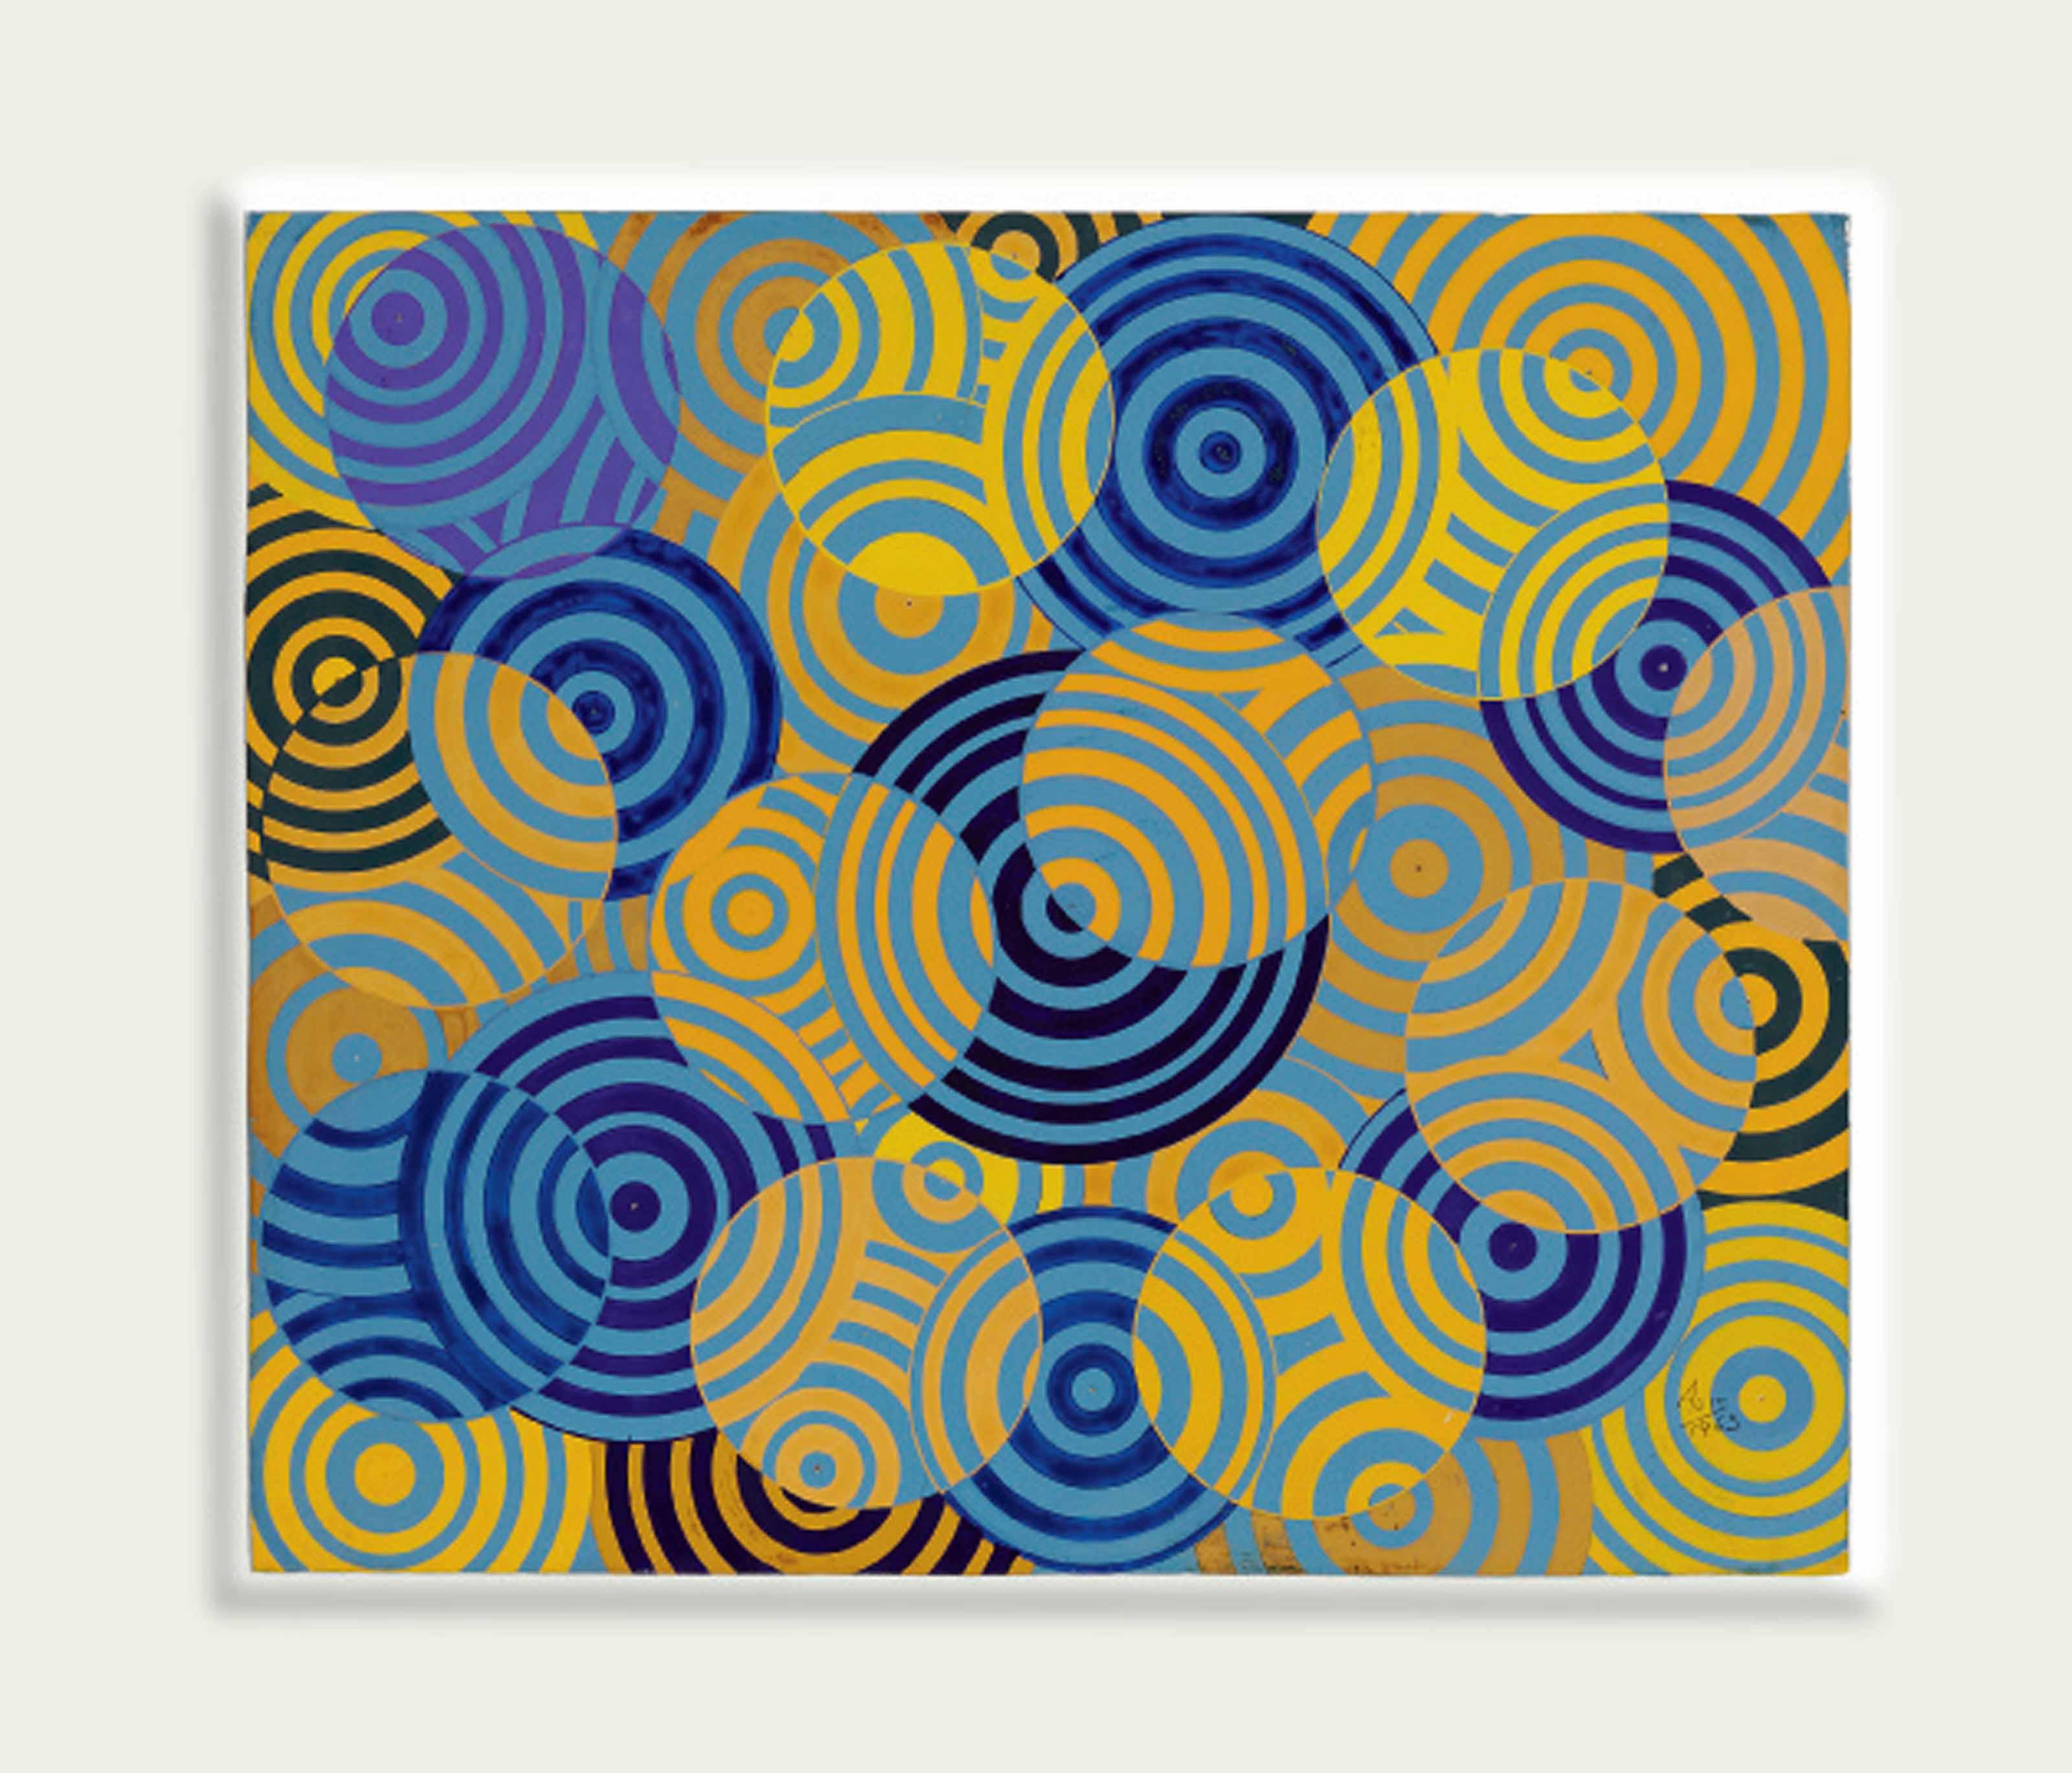 Interférences en bleu et jaune (No. 642)